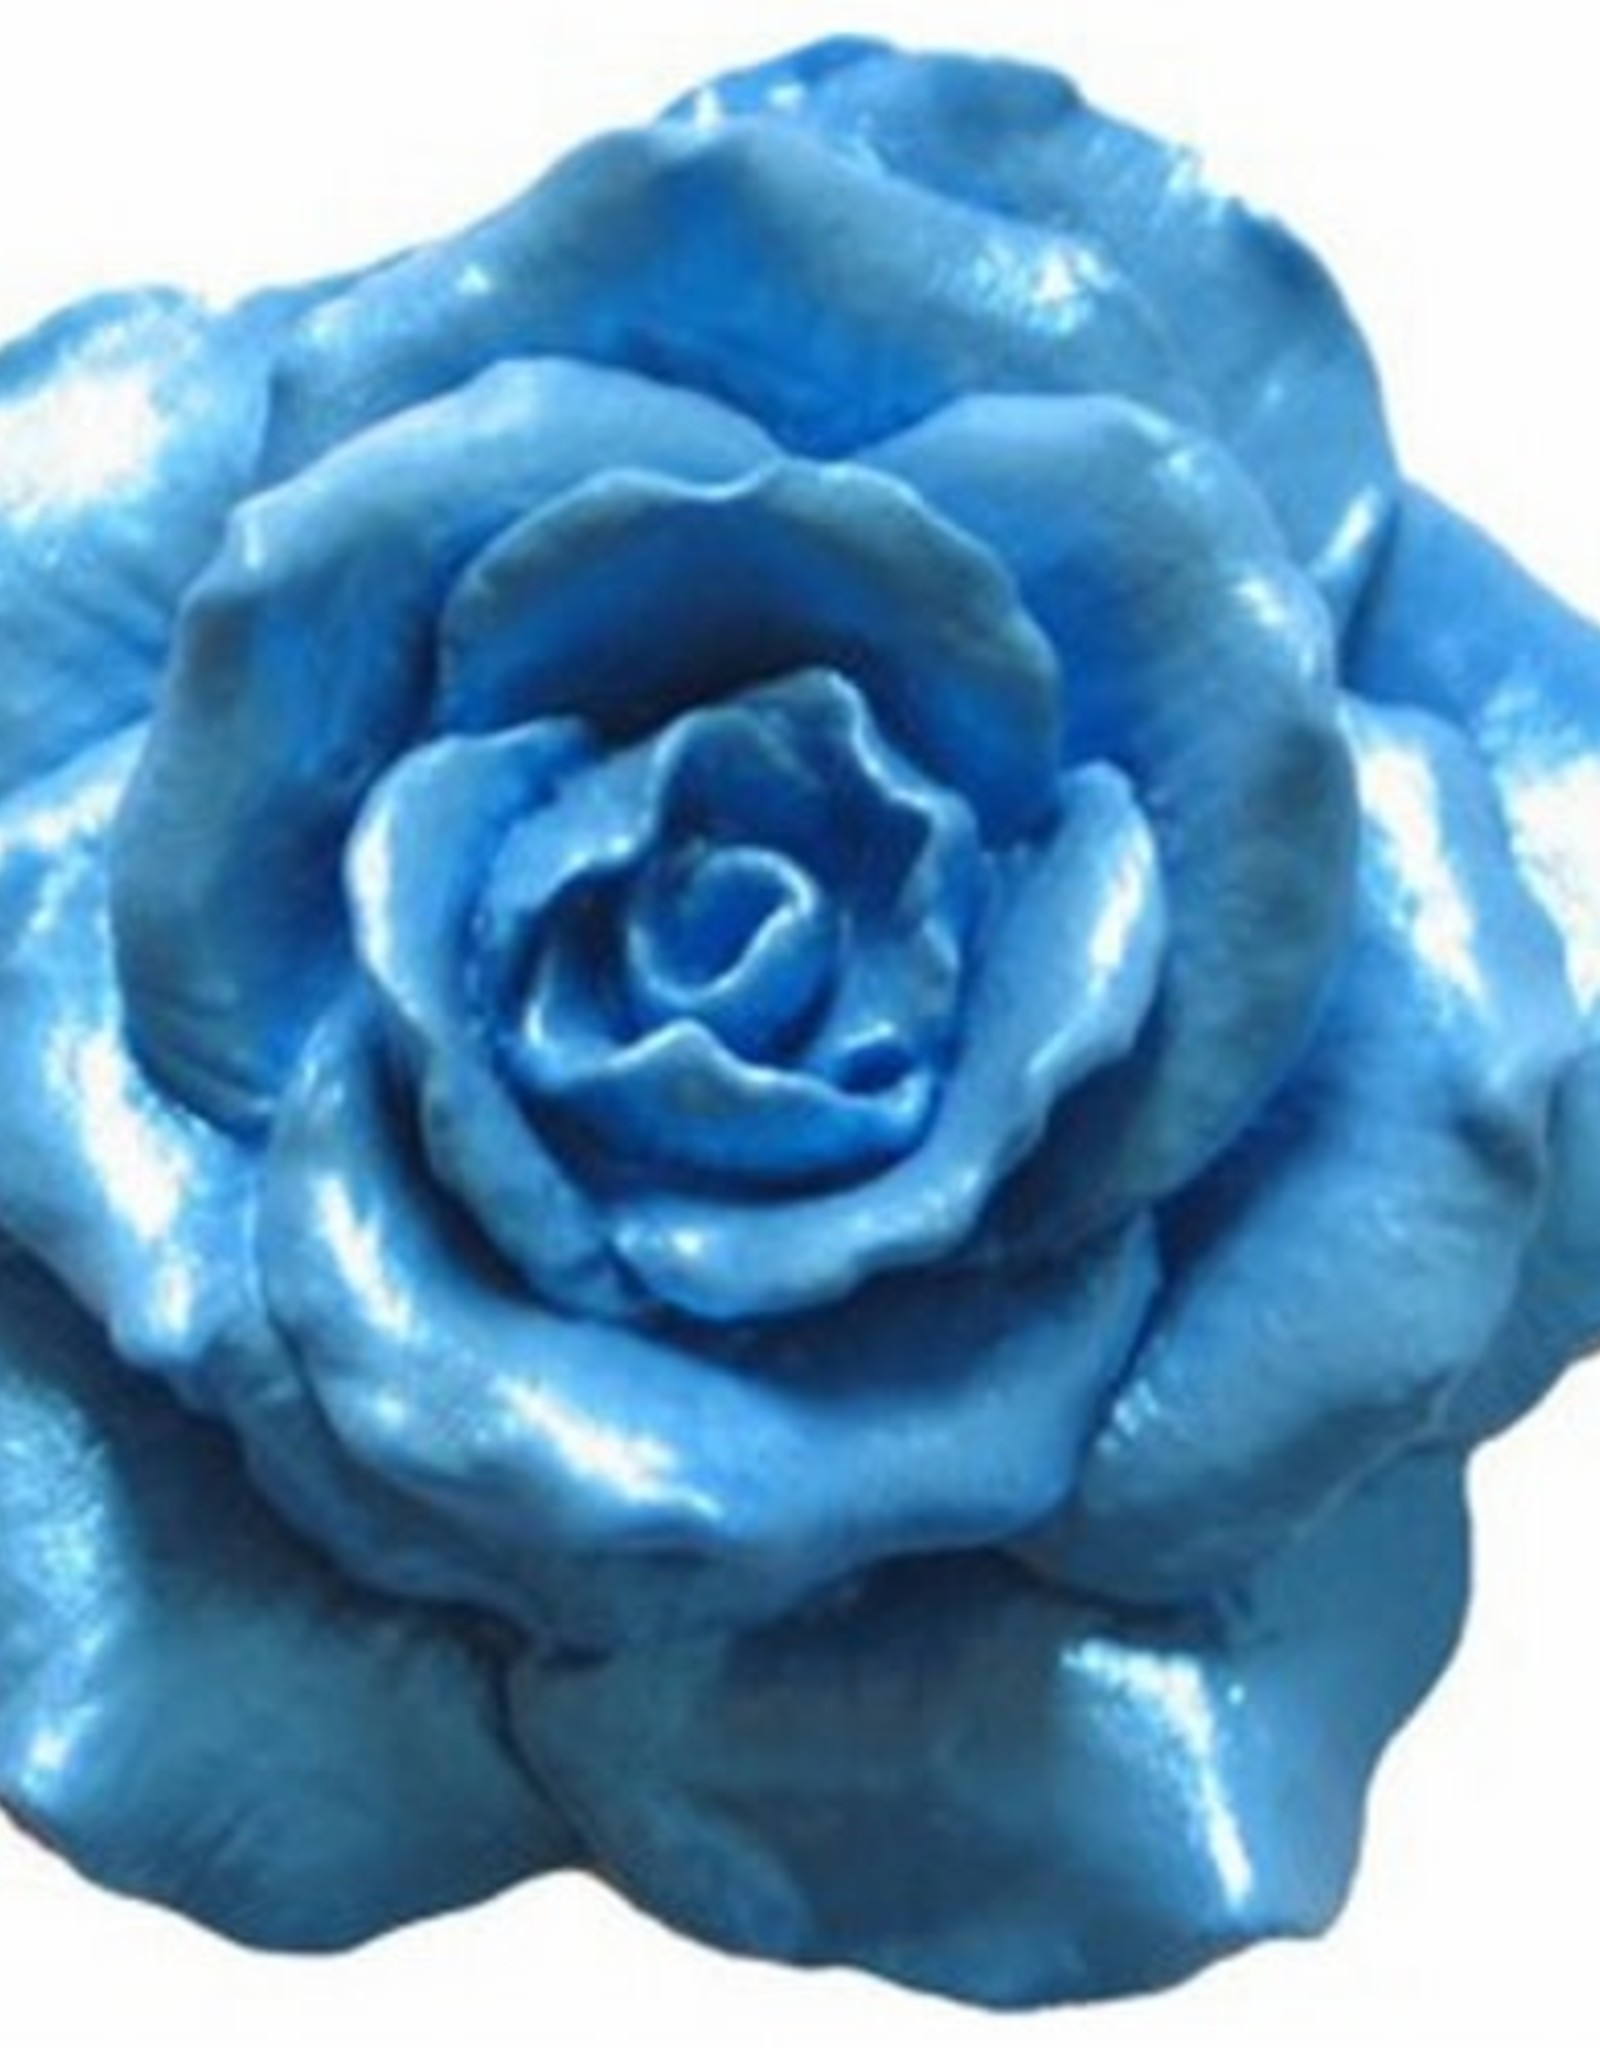 First Impressions Molds First Impressions Molds Rose 8 cm